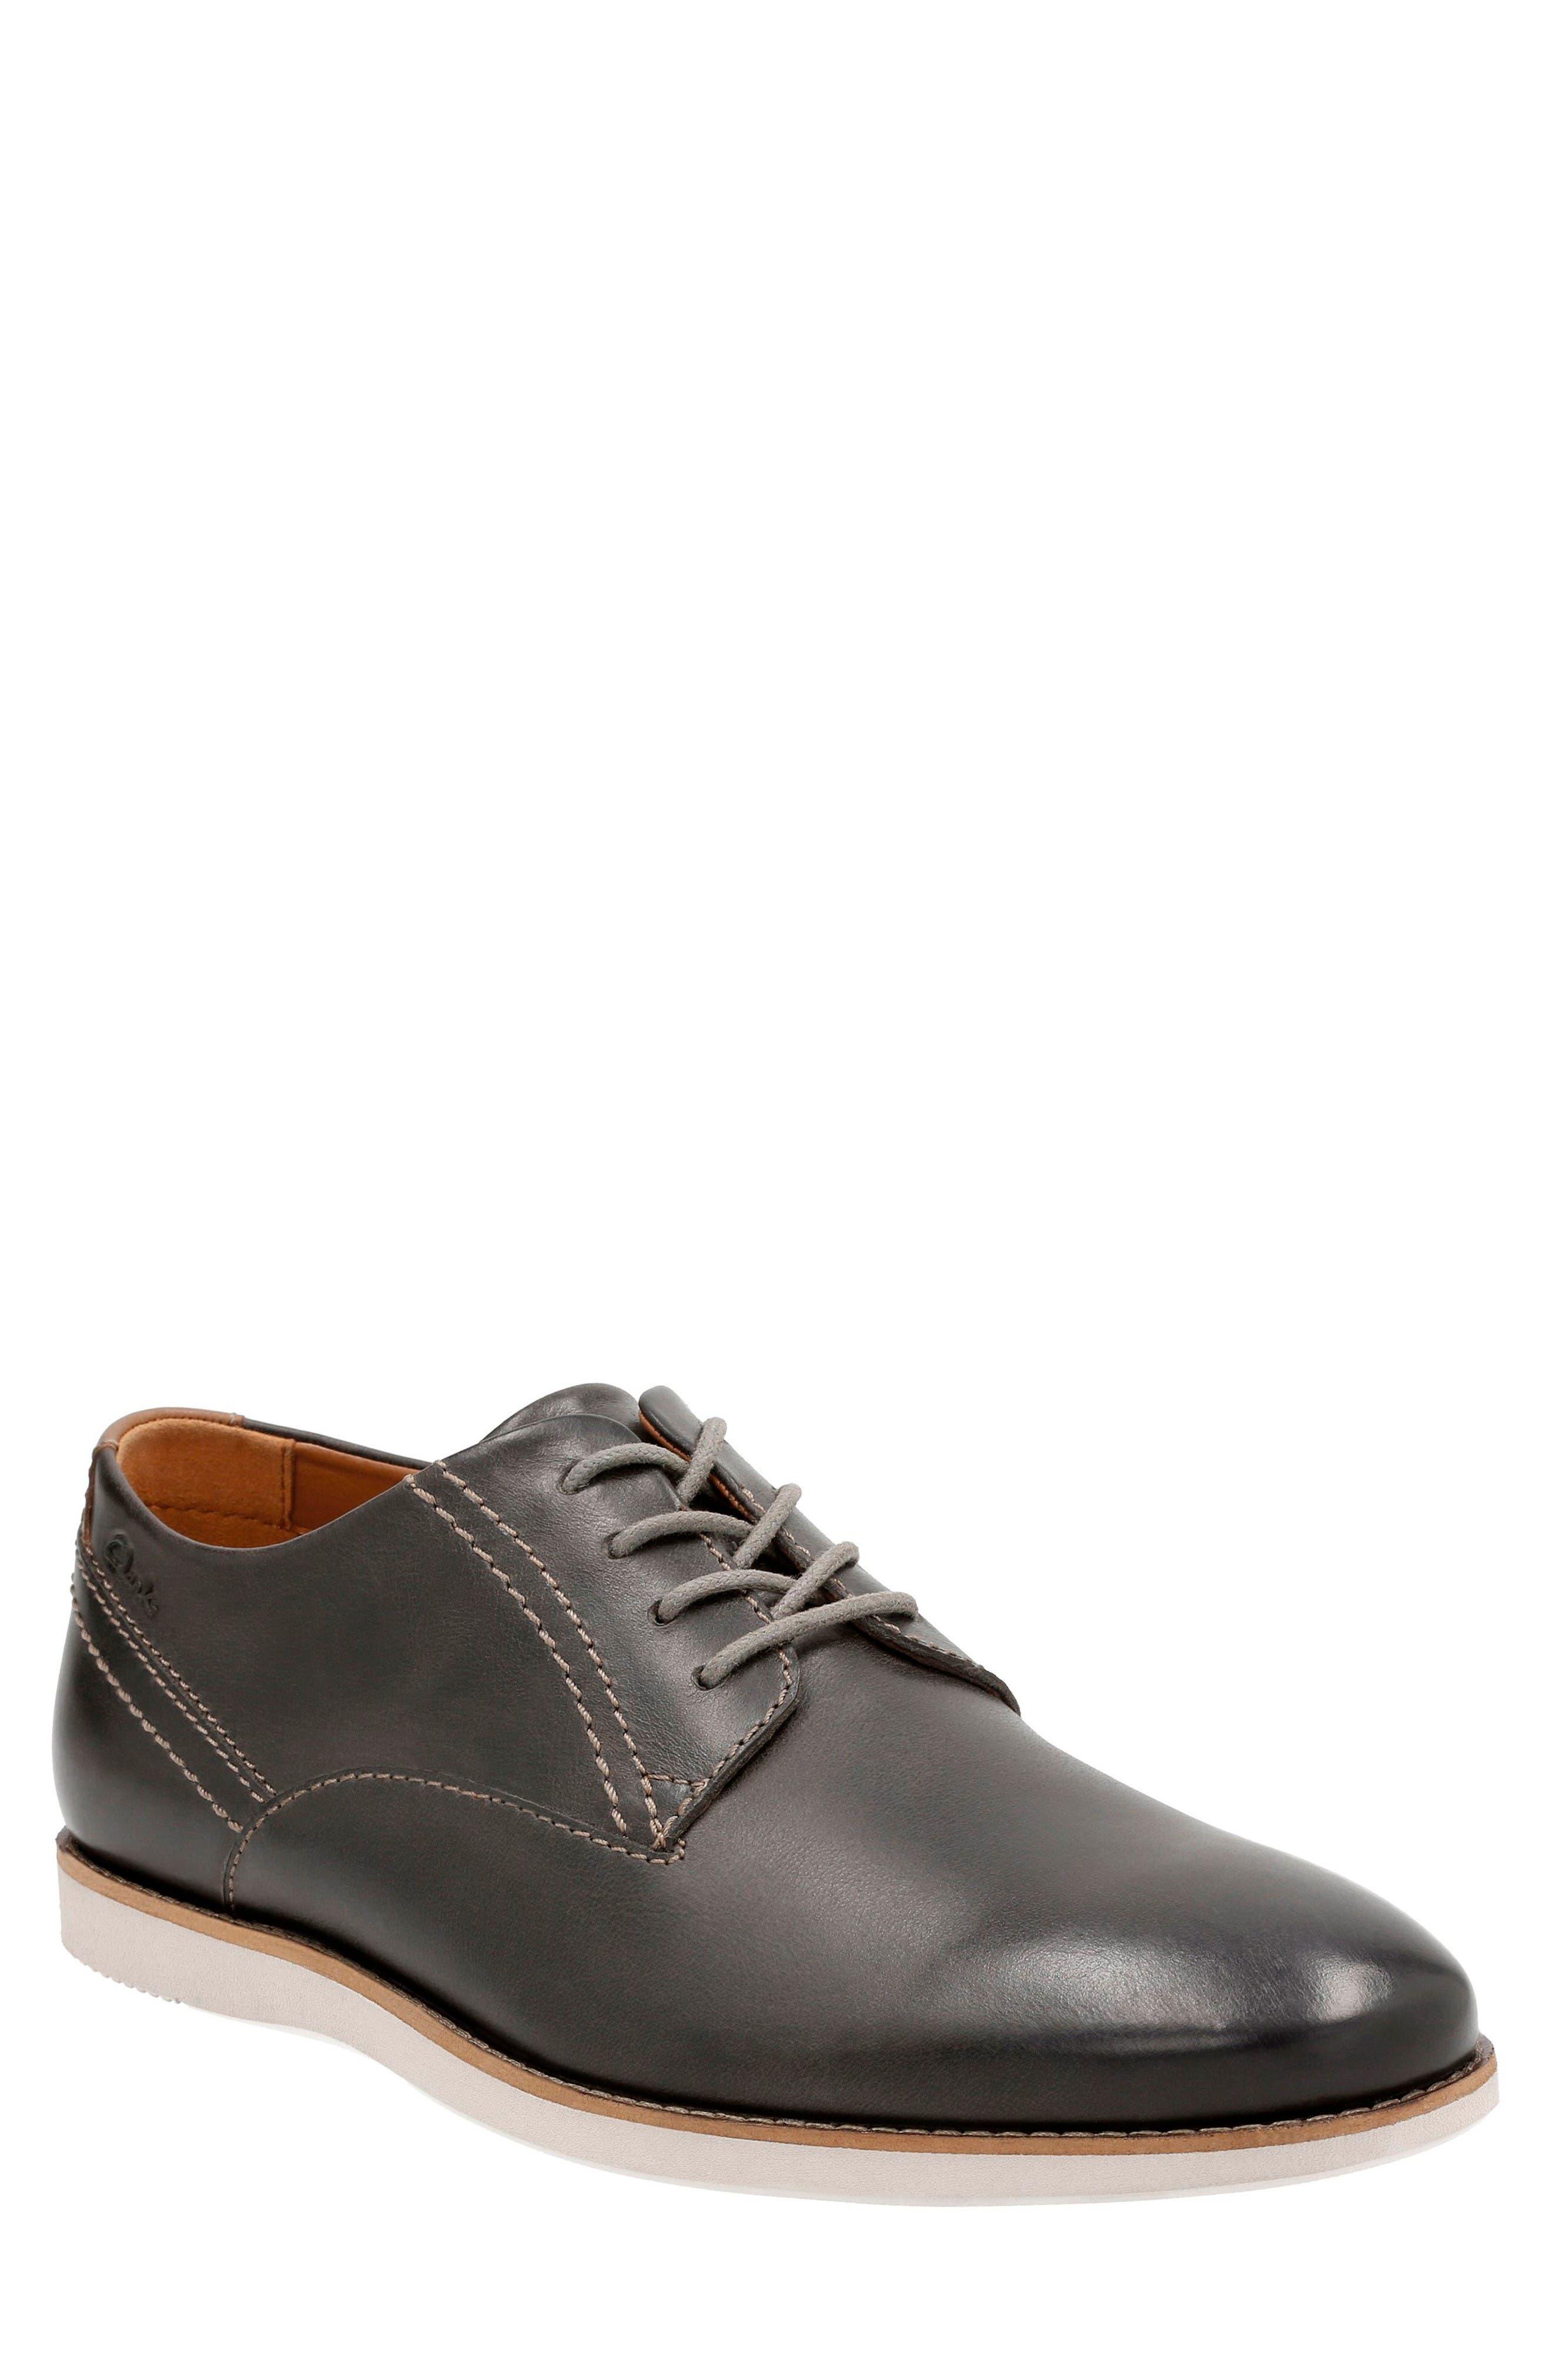 Alternate Image 1 Selected - Clarks® Franson Plain Toe Derby (Men)